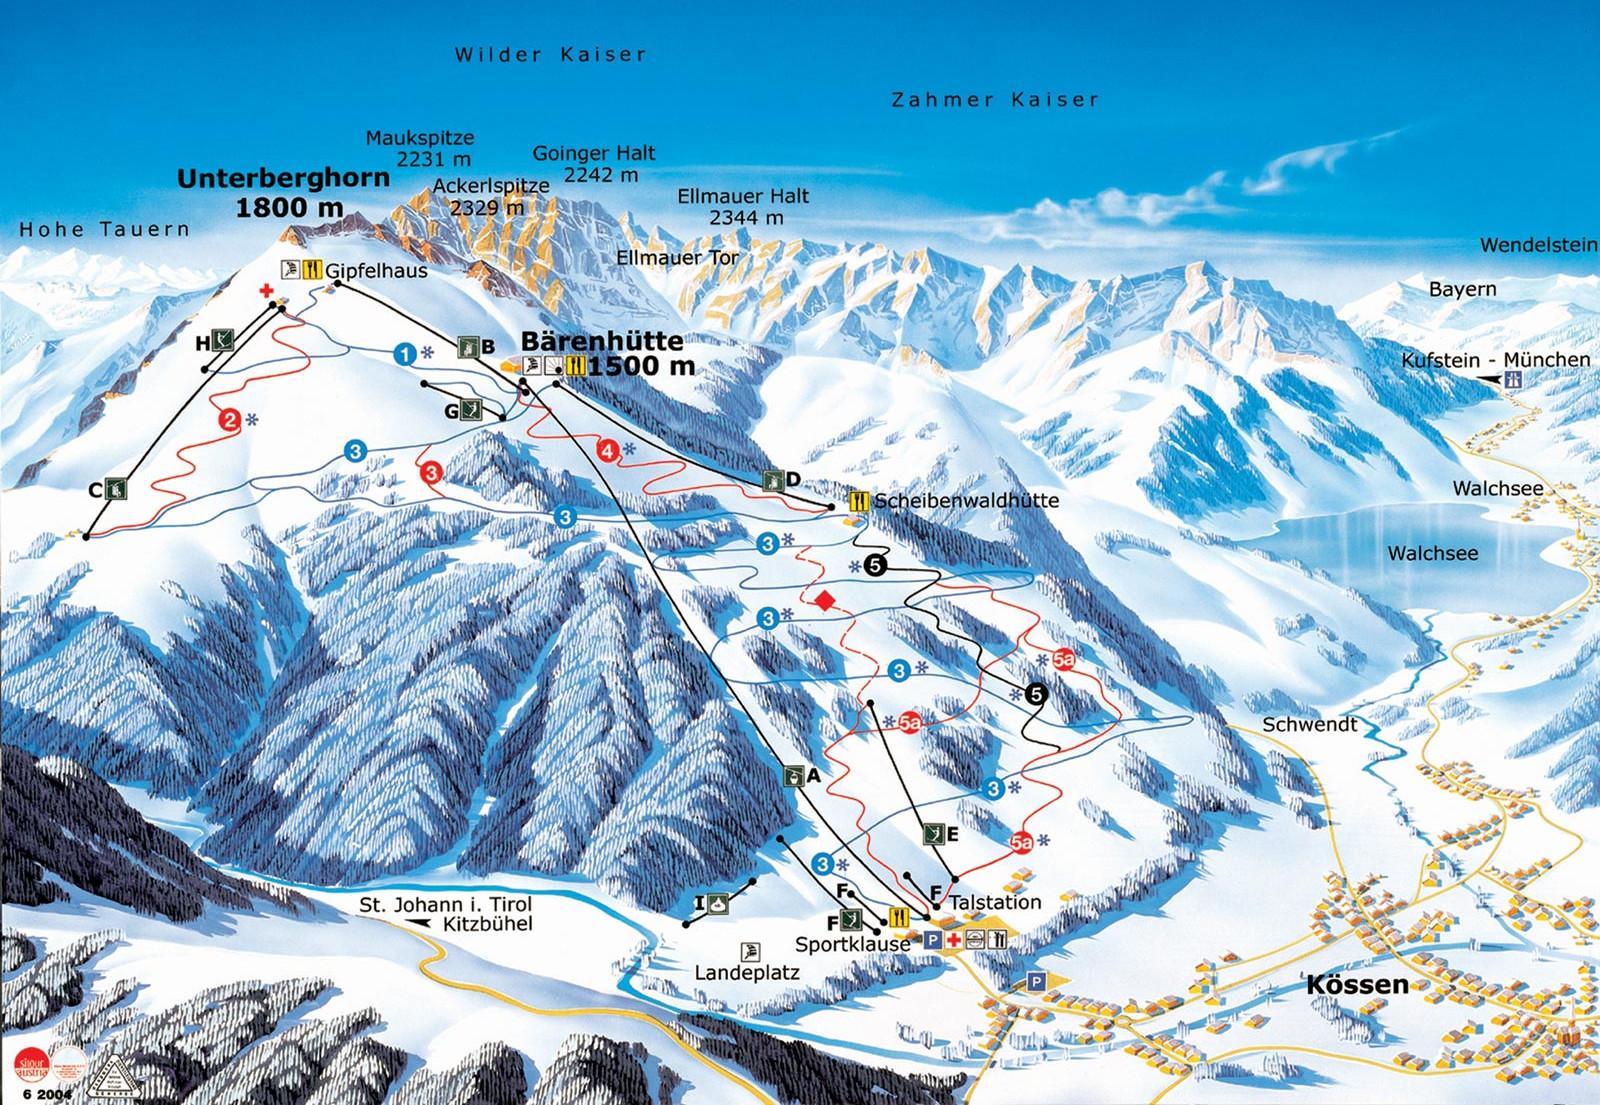 Lyžařská mapa sjezdovek areálu Kössen